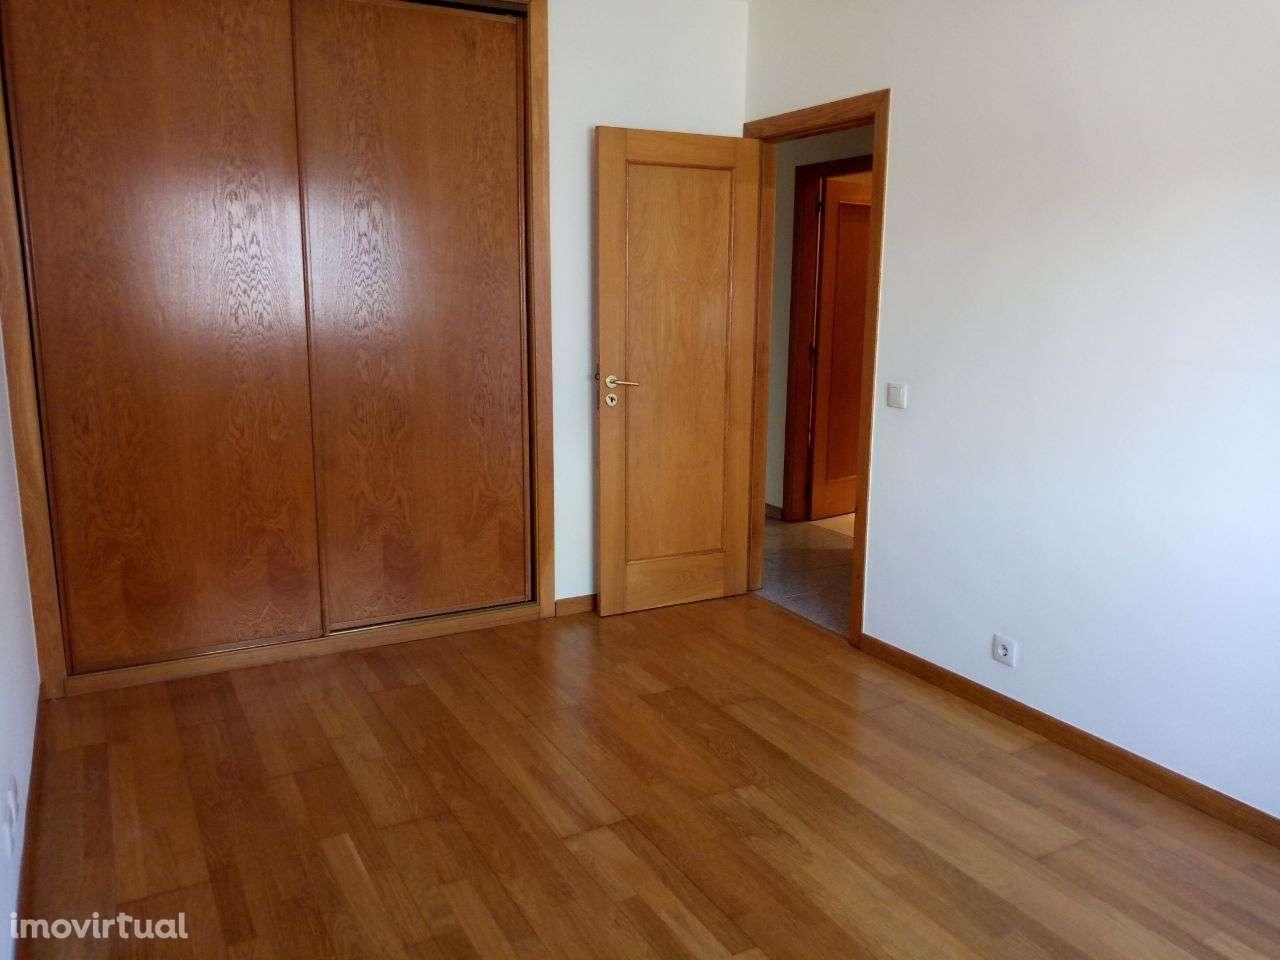 Apartamento para arrendar, Travessa Carolina Costa, Canelas - Foto 2